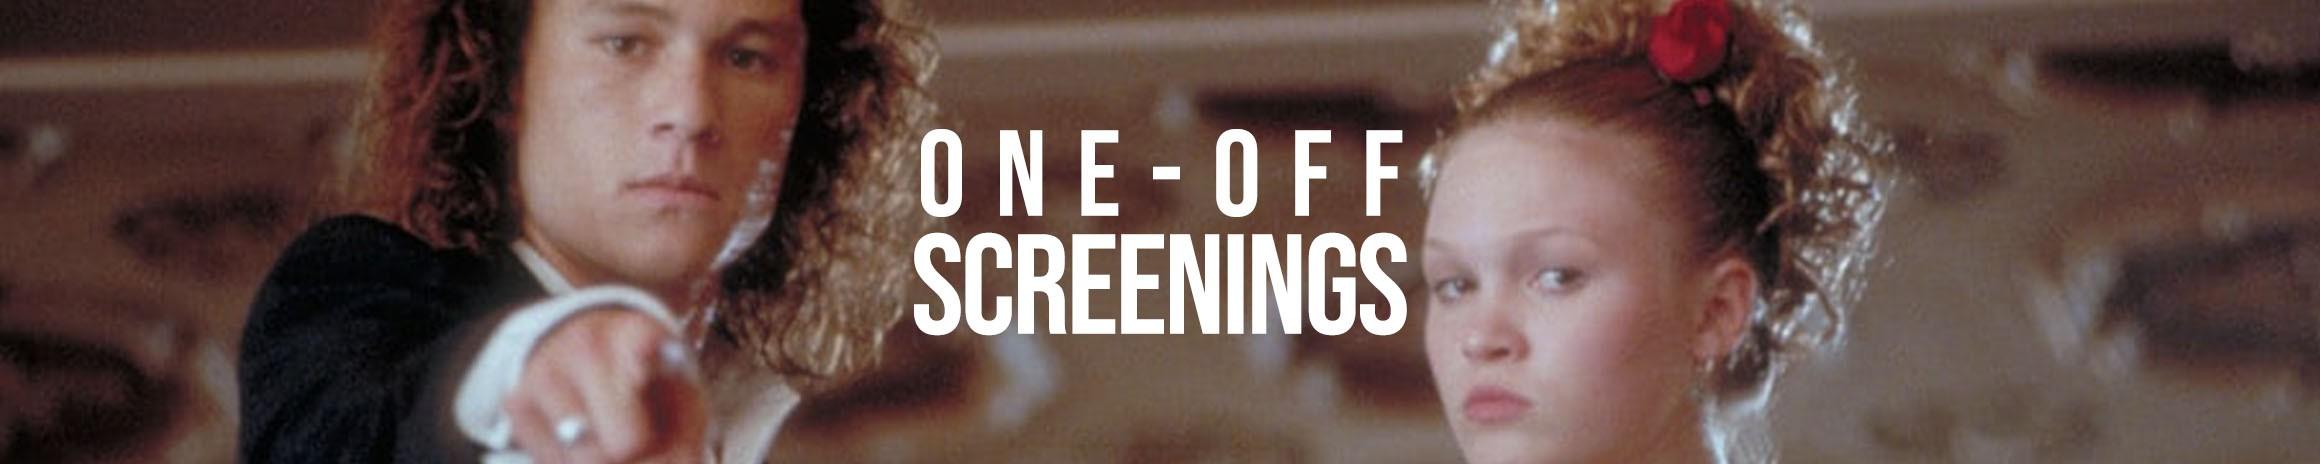 One-Off Screenings